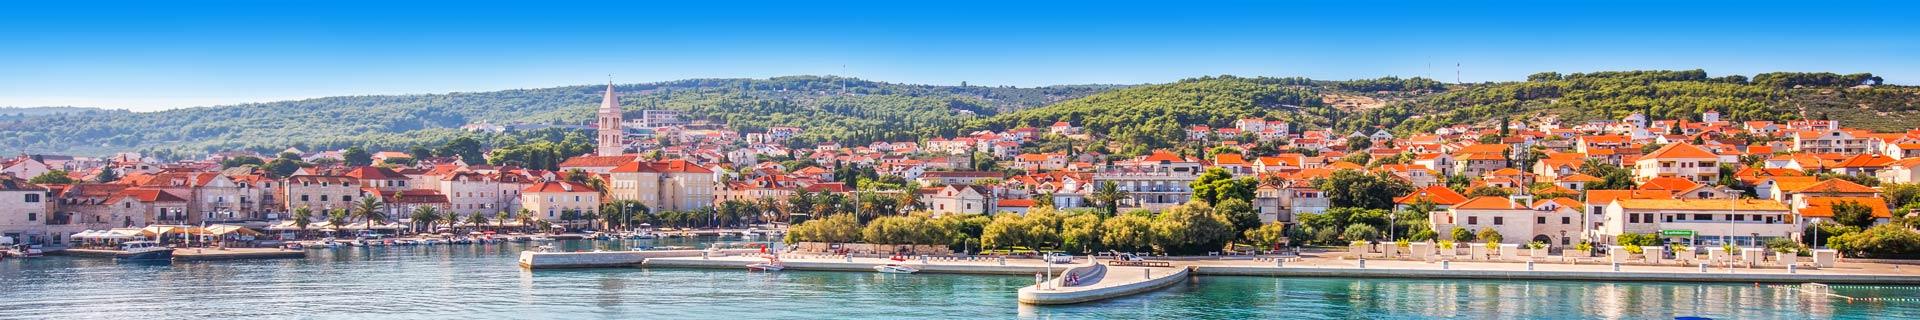 Uitzicht over een stad in Kroatie